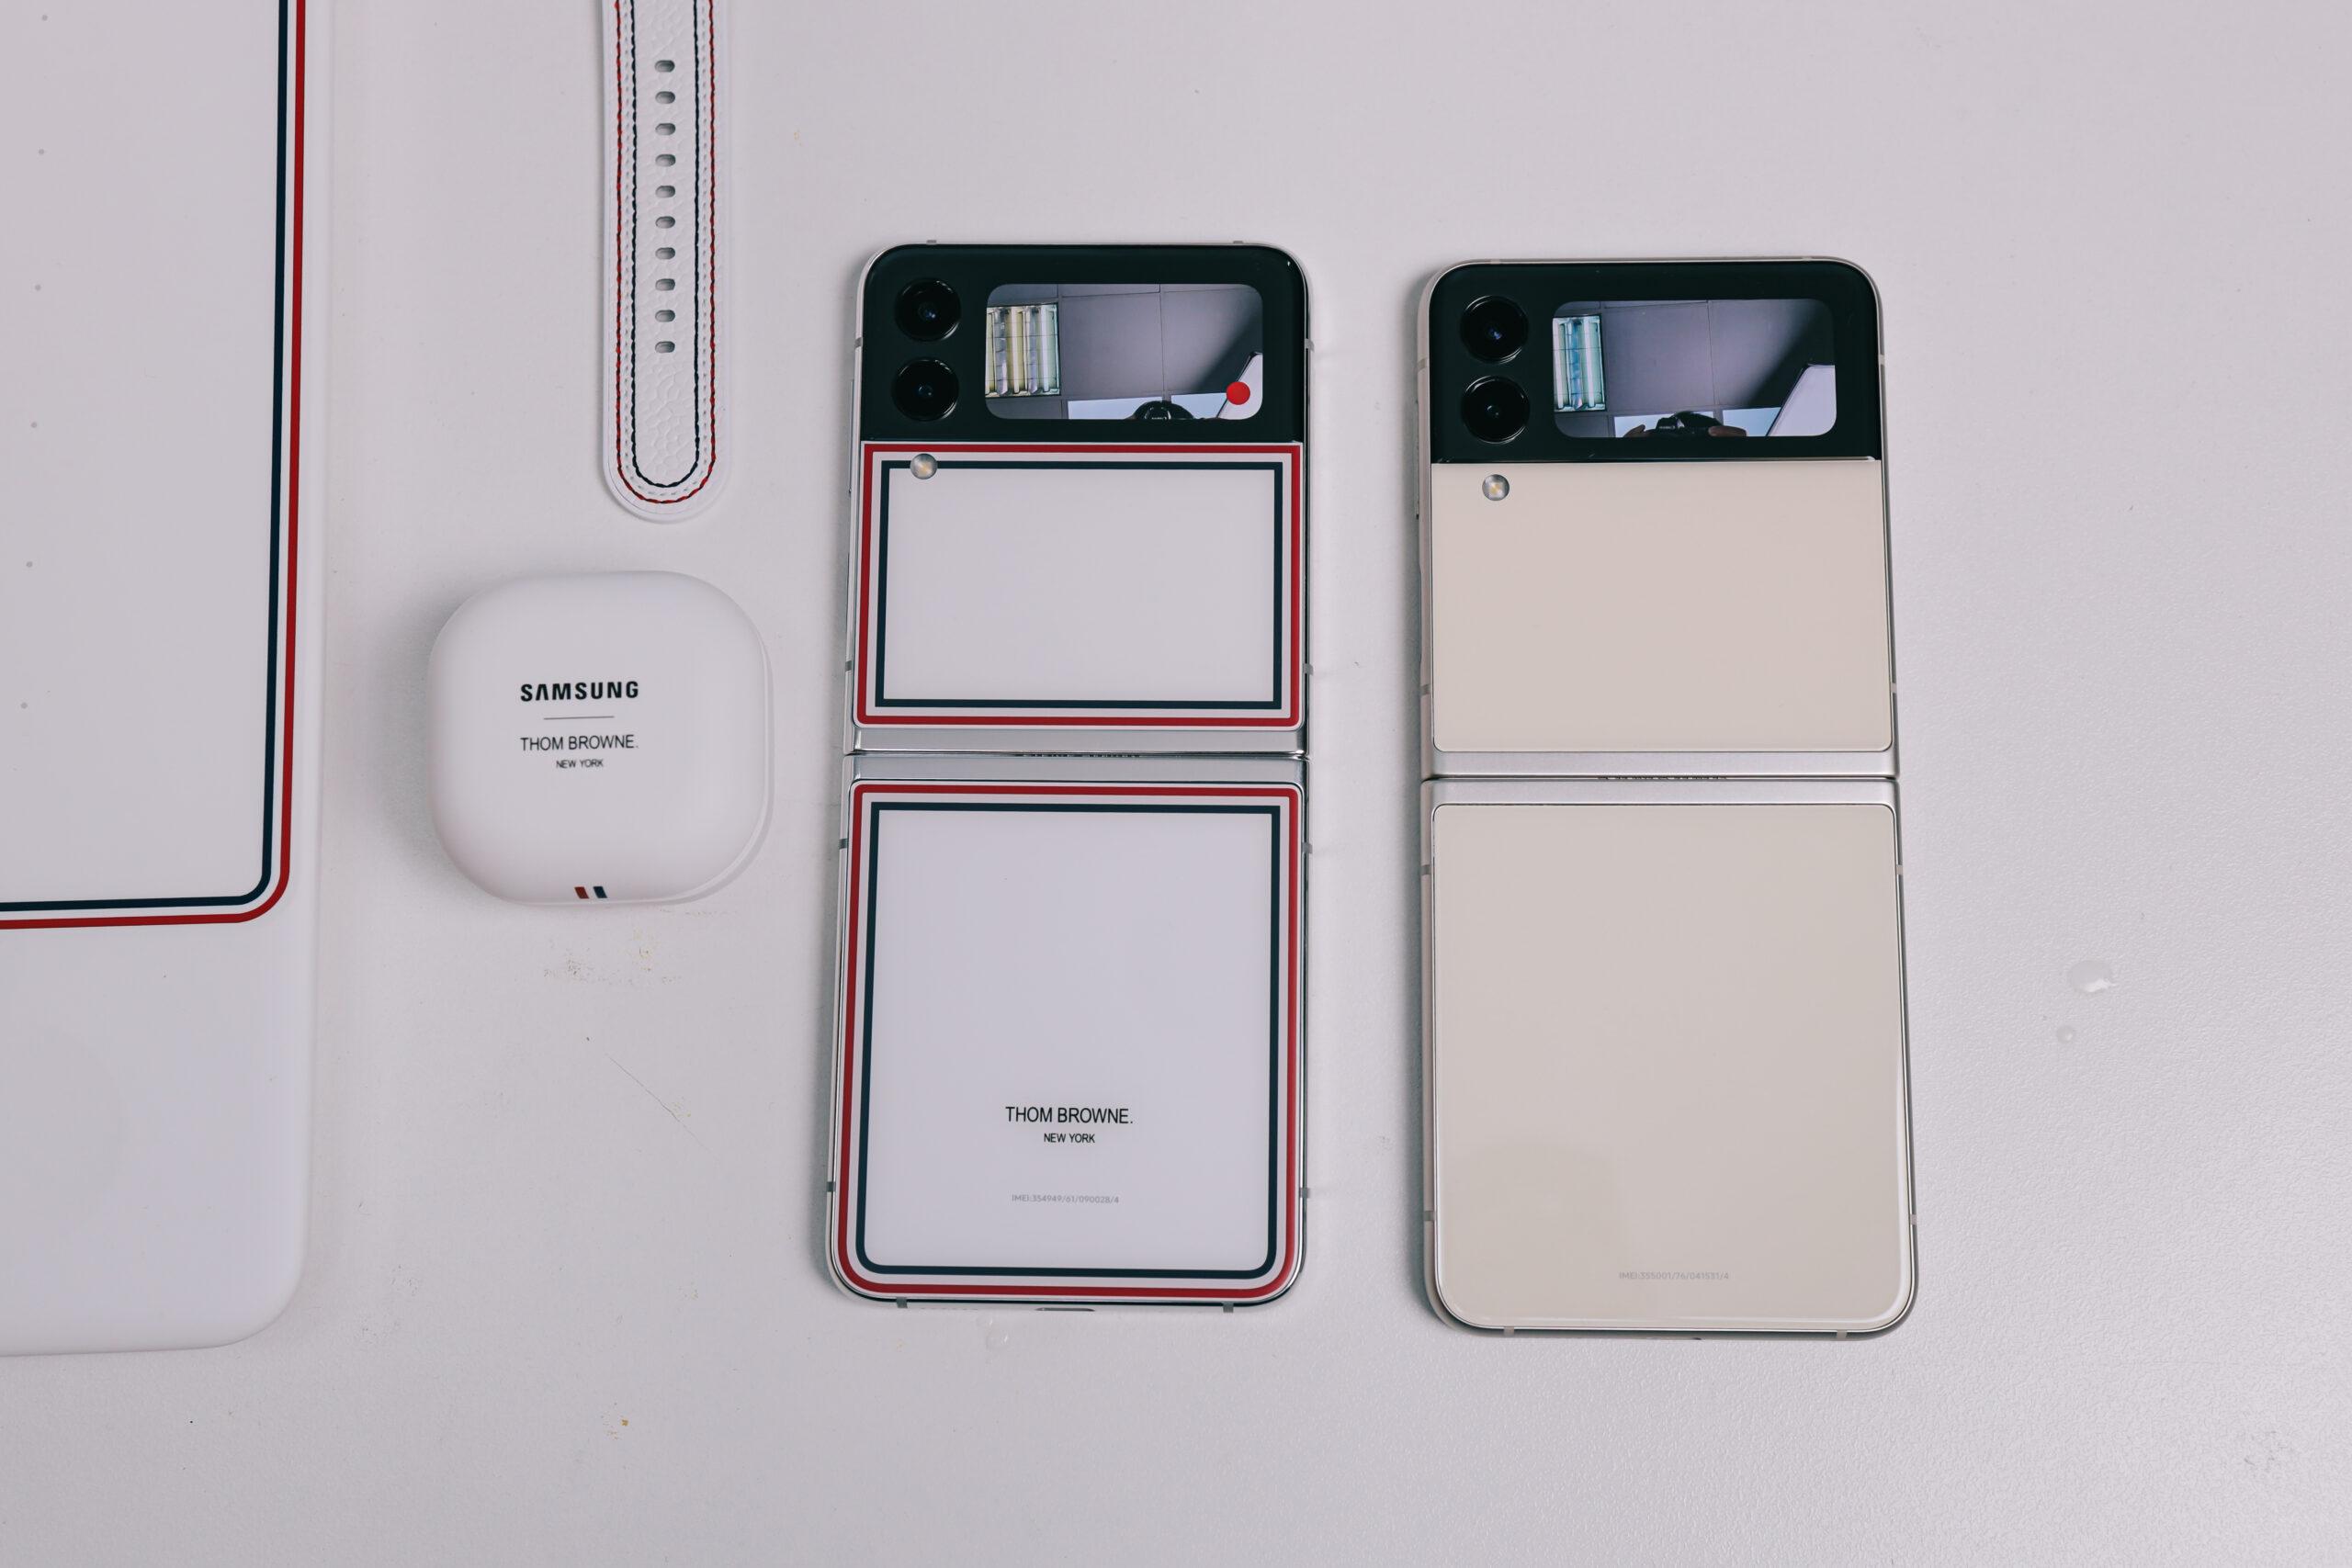 """Sforum - Trang thông tin công nghệ mới nhất 0X4A0255-scaled Mở hộp Galaxy Z Flip3 phiên bản Thom Browne cực """"chanh sả"""": Giá 57 triệu đồng thôi nhưng có tiền cũng không mua được!"""